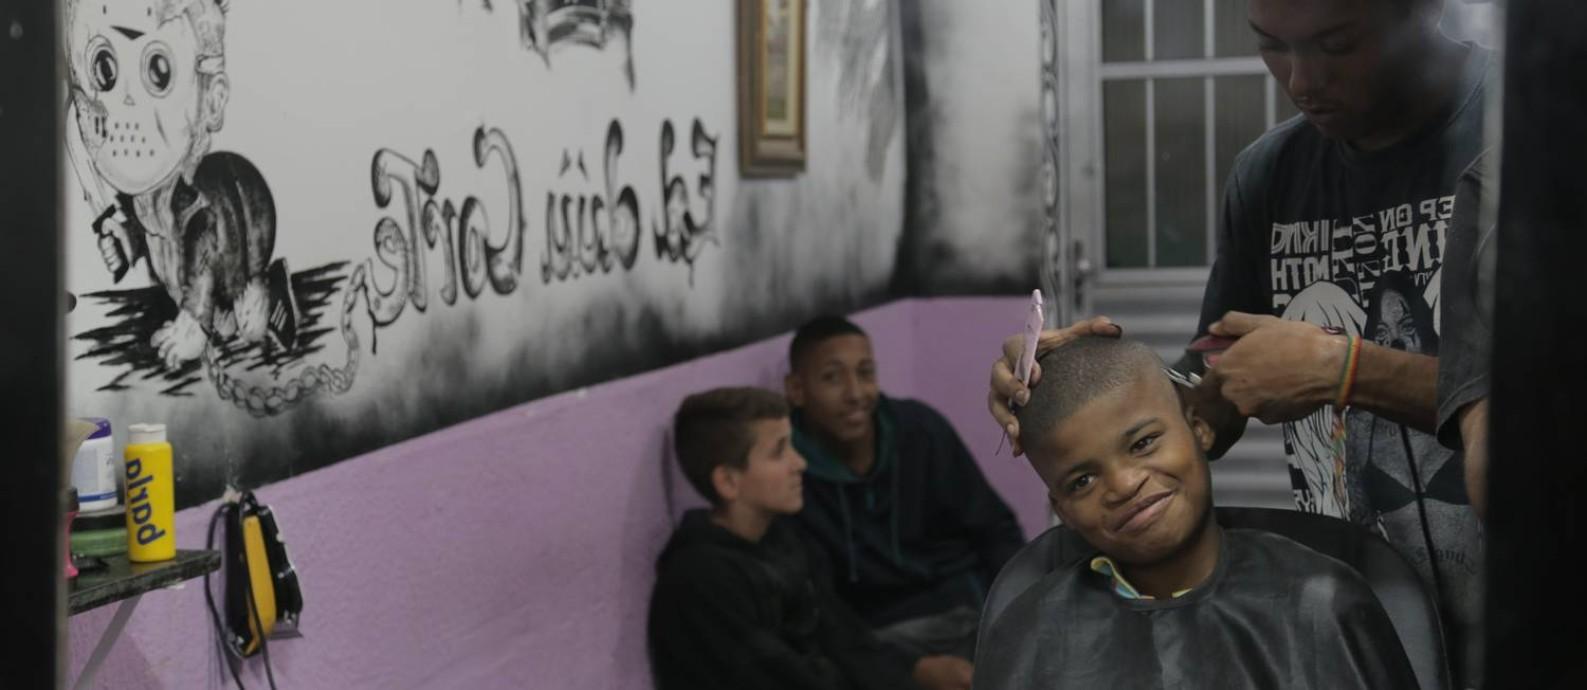 Ed, em seu salão: os barbeiros do filme trabalham duro nos cortes artísticos e atuam também como ouvintes e conselheiros dos seus clientes Foto: Saulo Nicolai / Divulgação/Saulo Nicolai